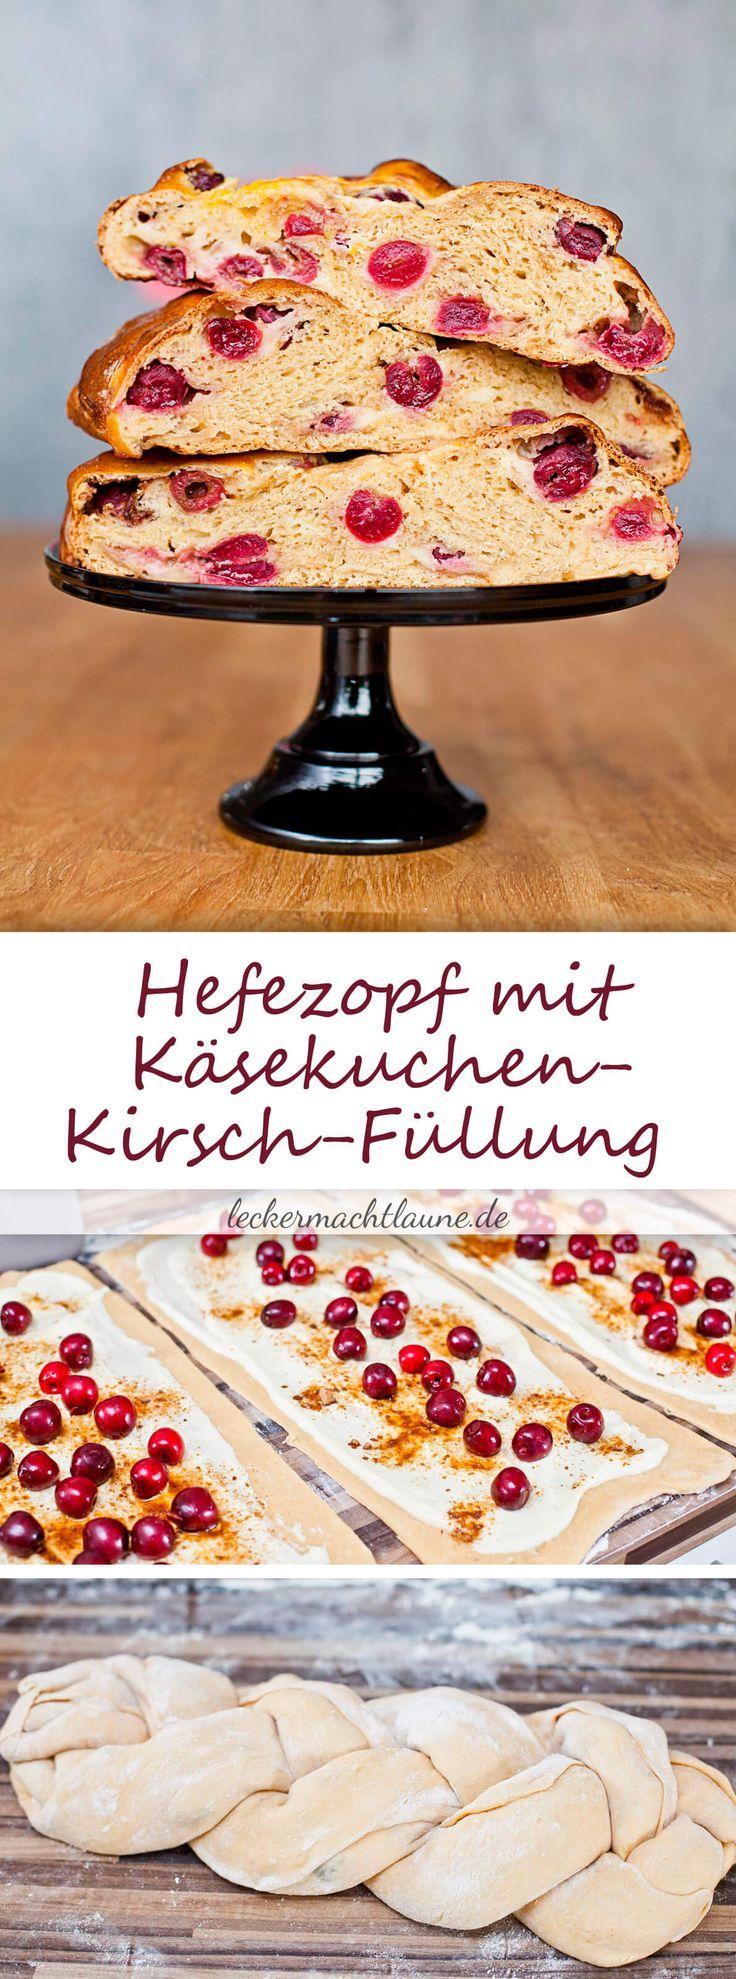 Perfekt für die leckere Verwertung von Süßkirschen: Hefezopf mit Käsekuchen-Kirsch-Füllung!